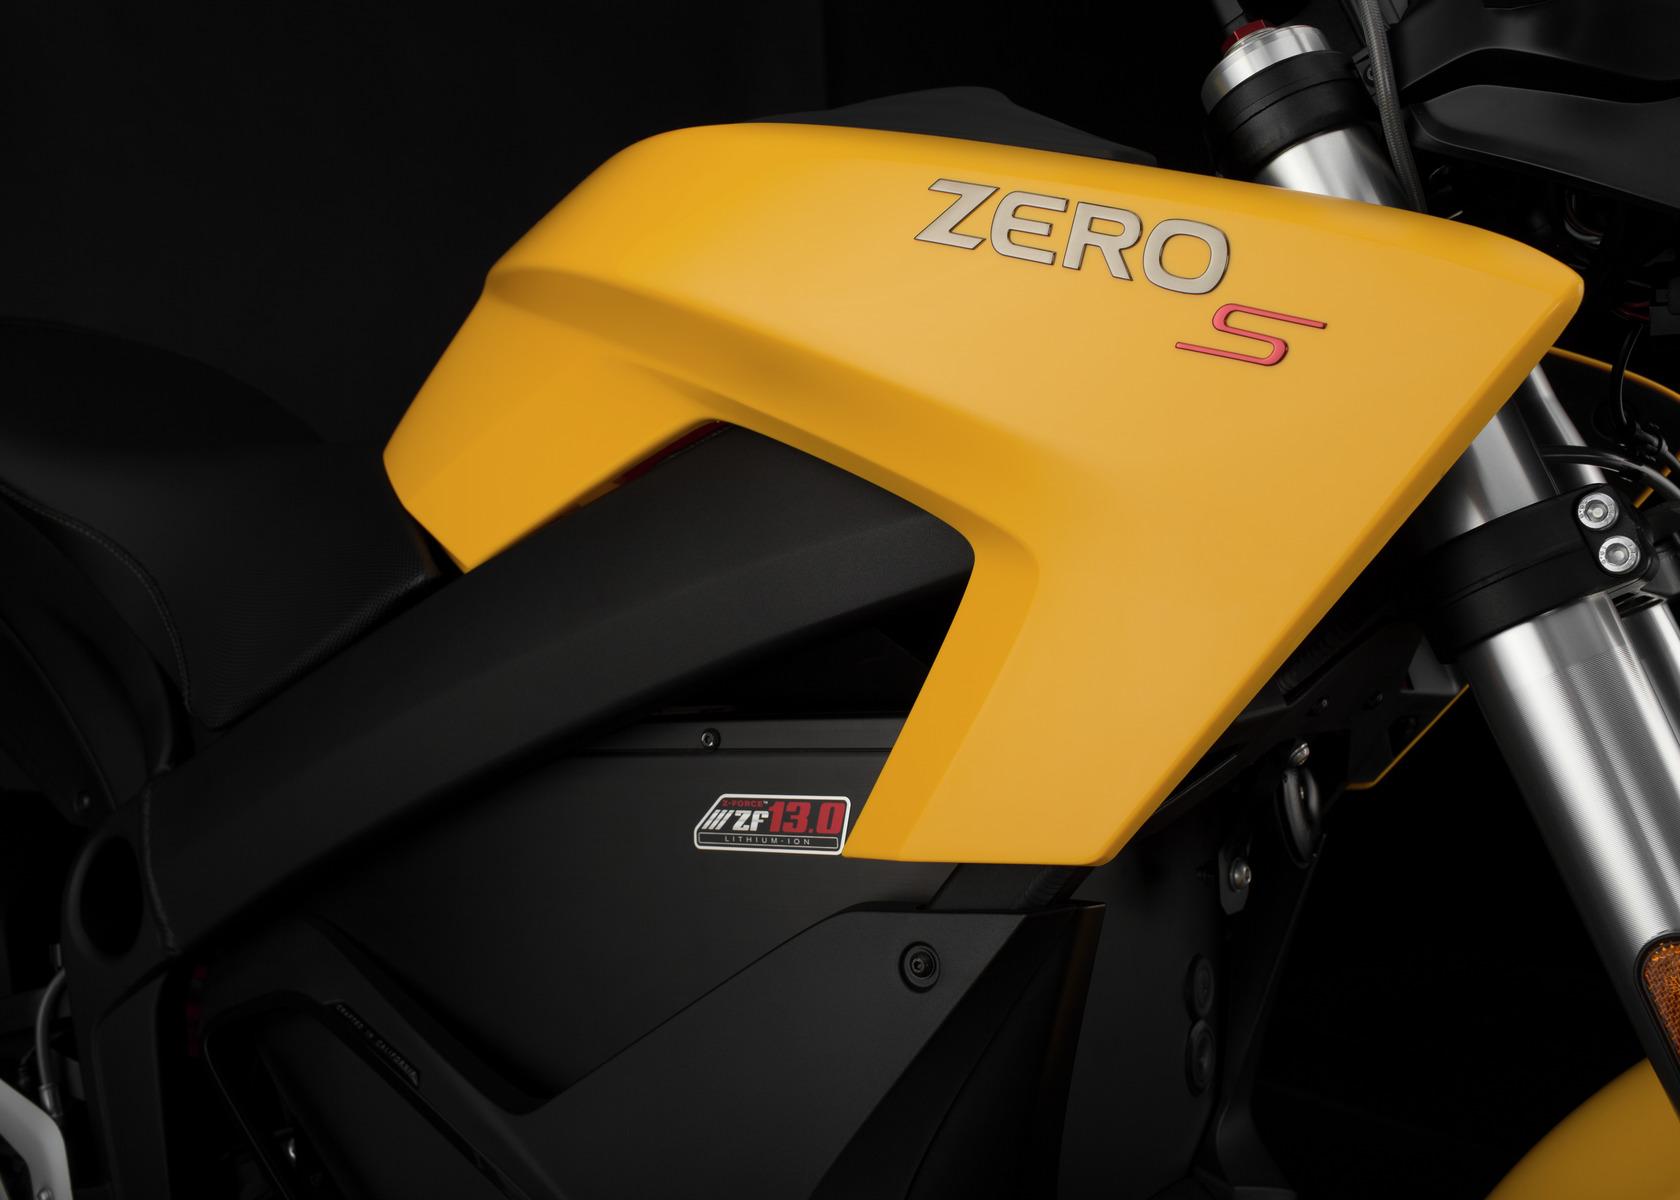 2016 Zero S Electric Motorcycle: Tank